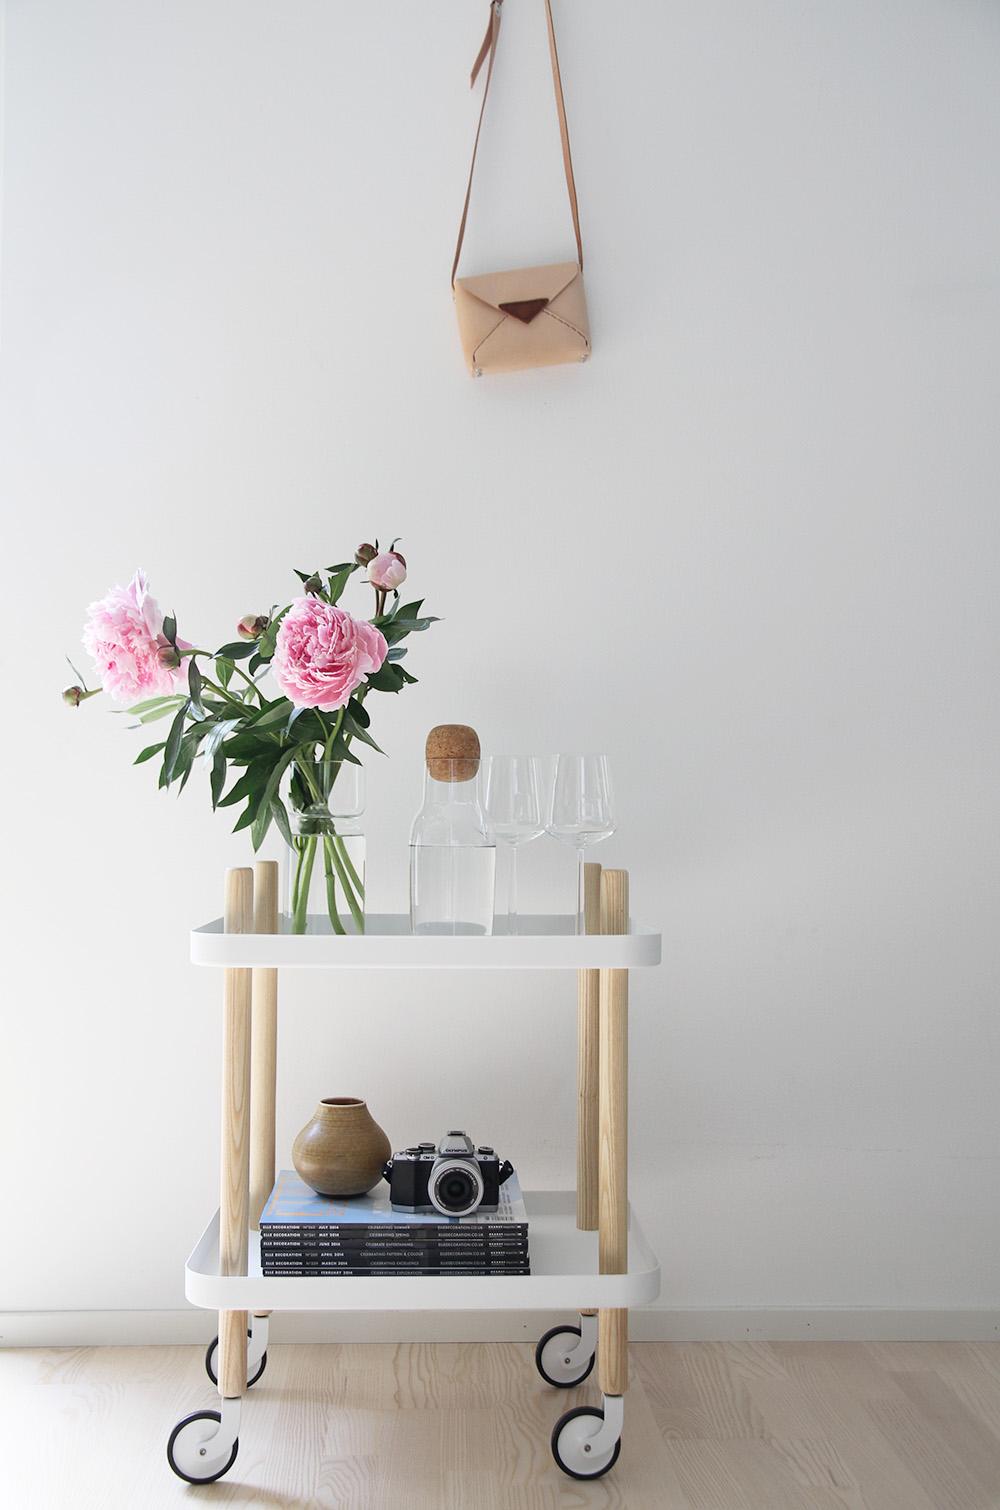 hunajaista block tarjoiluvaunu finnish design shop